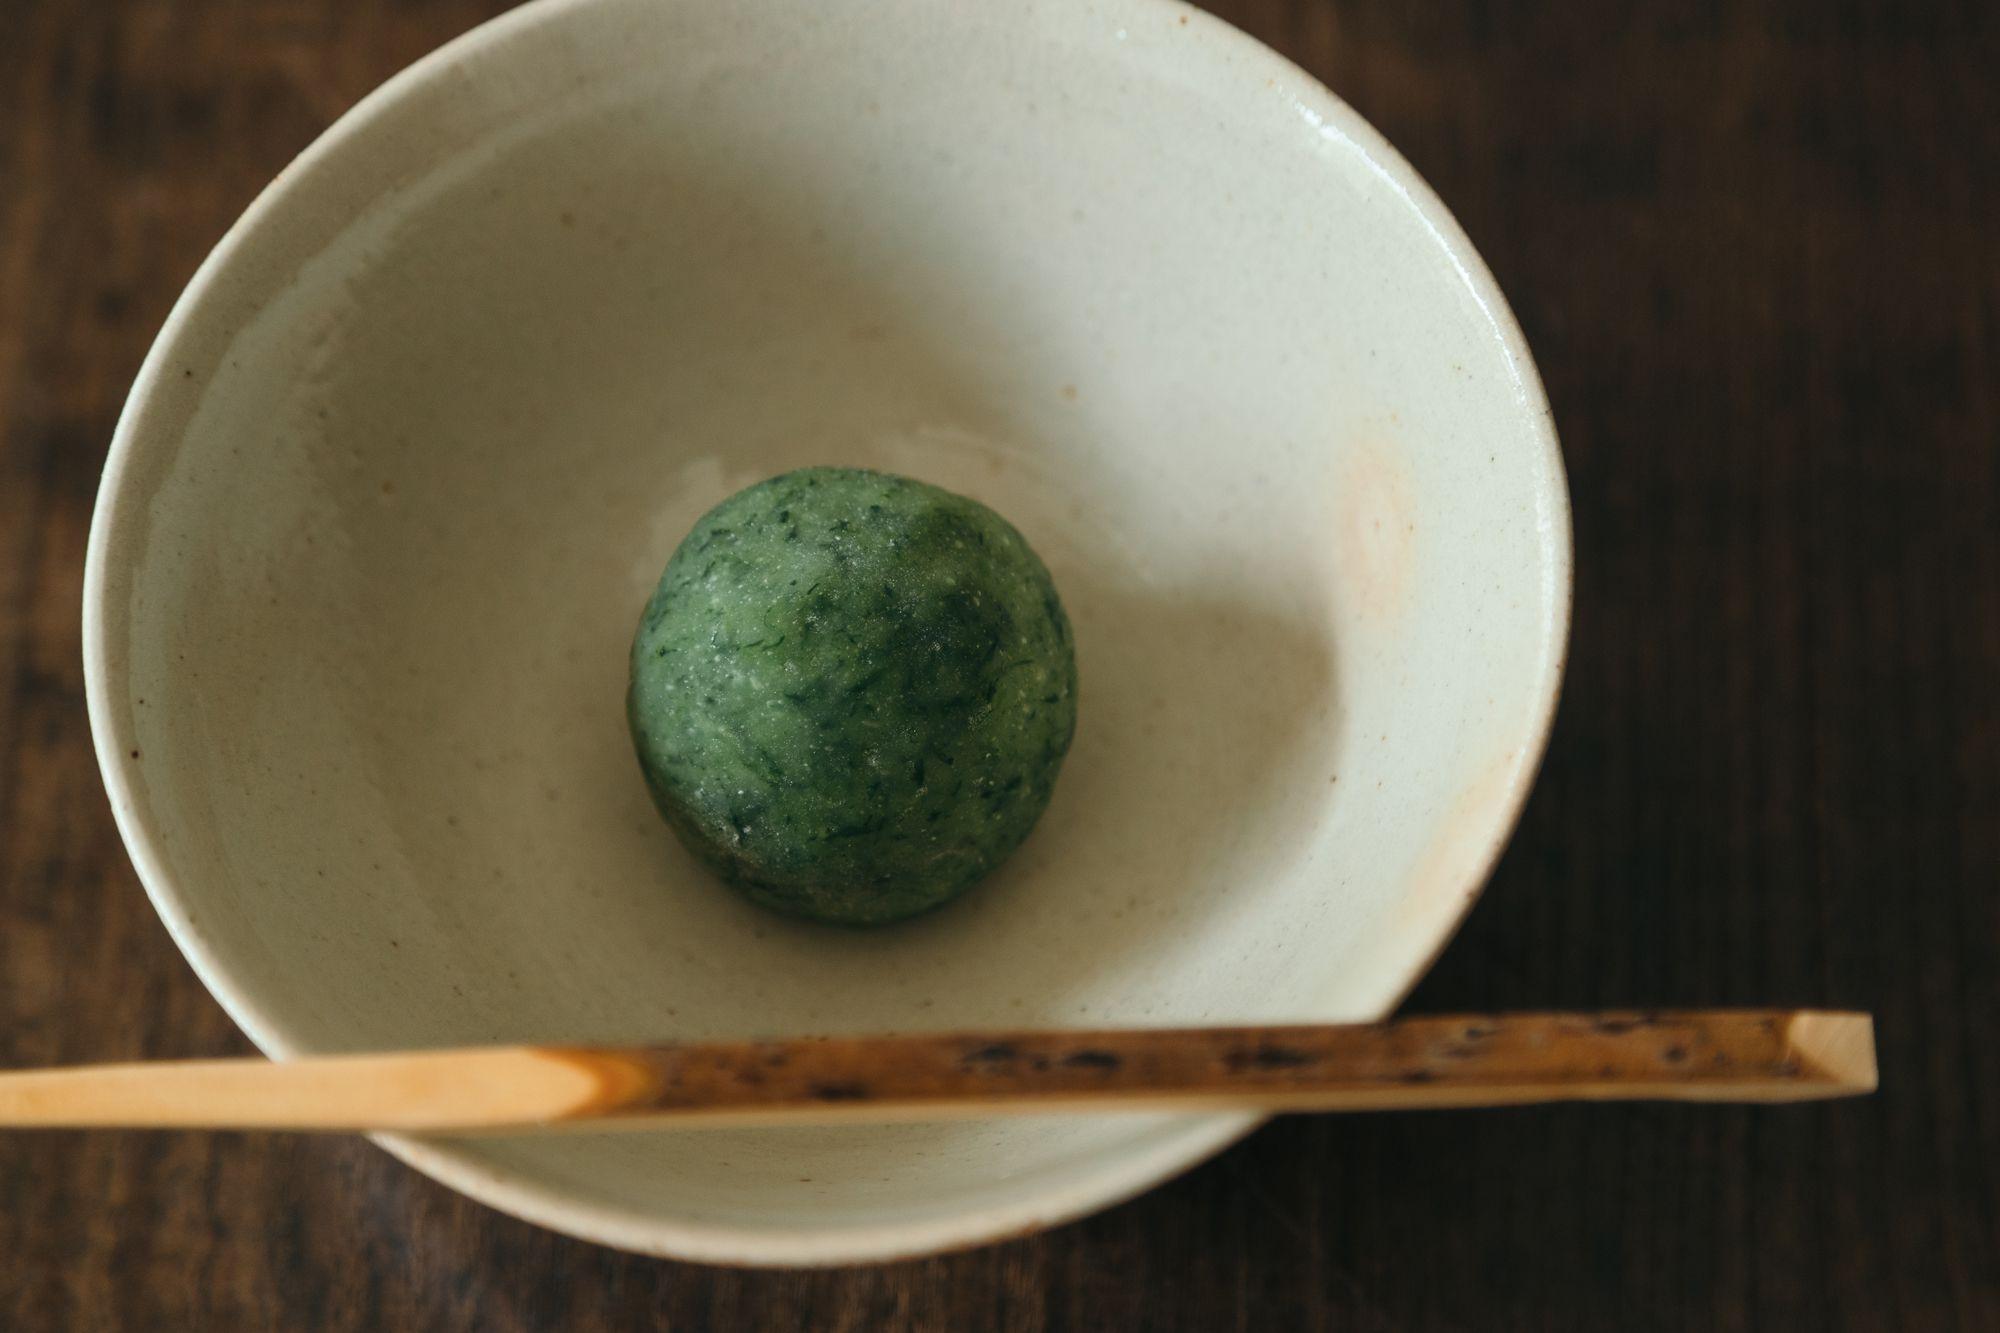 蓬(よもぎ)の新芽を摘み取って、餡には熊本の小豆を使った、香り豊かな蓮餅。